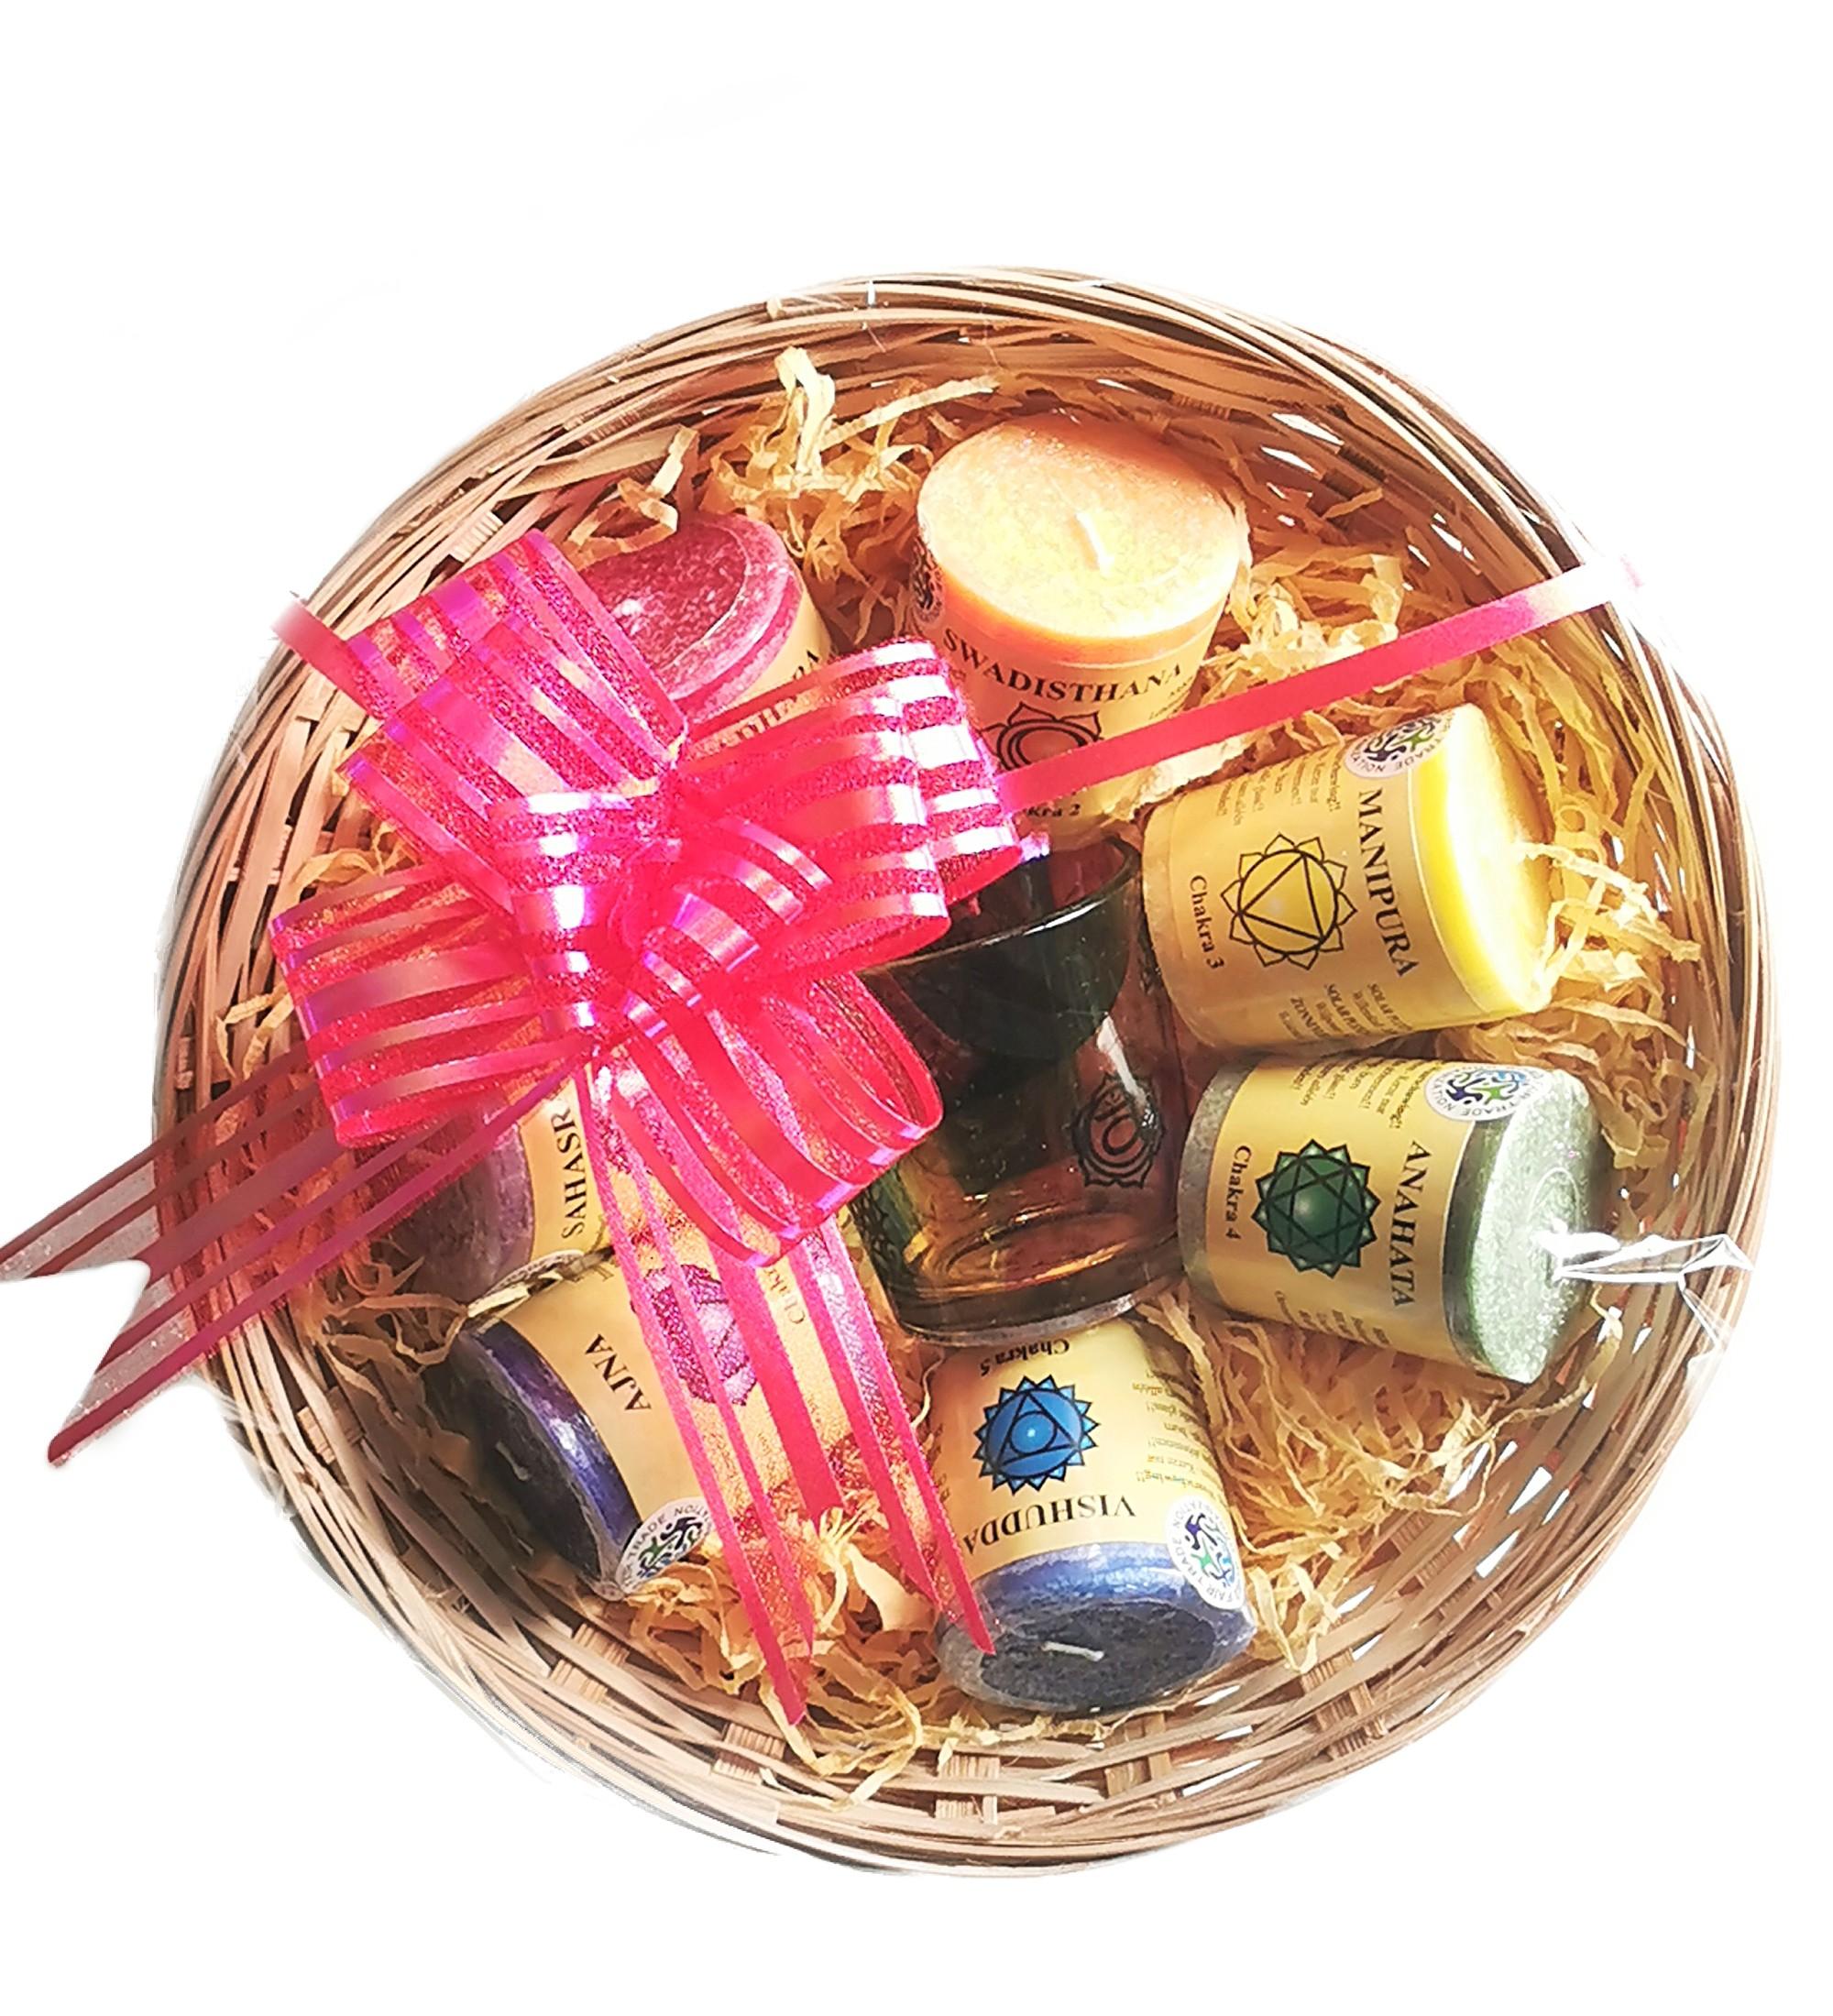 7 Chakra Candle & Glass Jar Basket Set